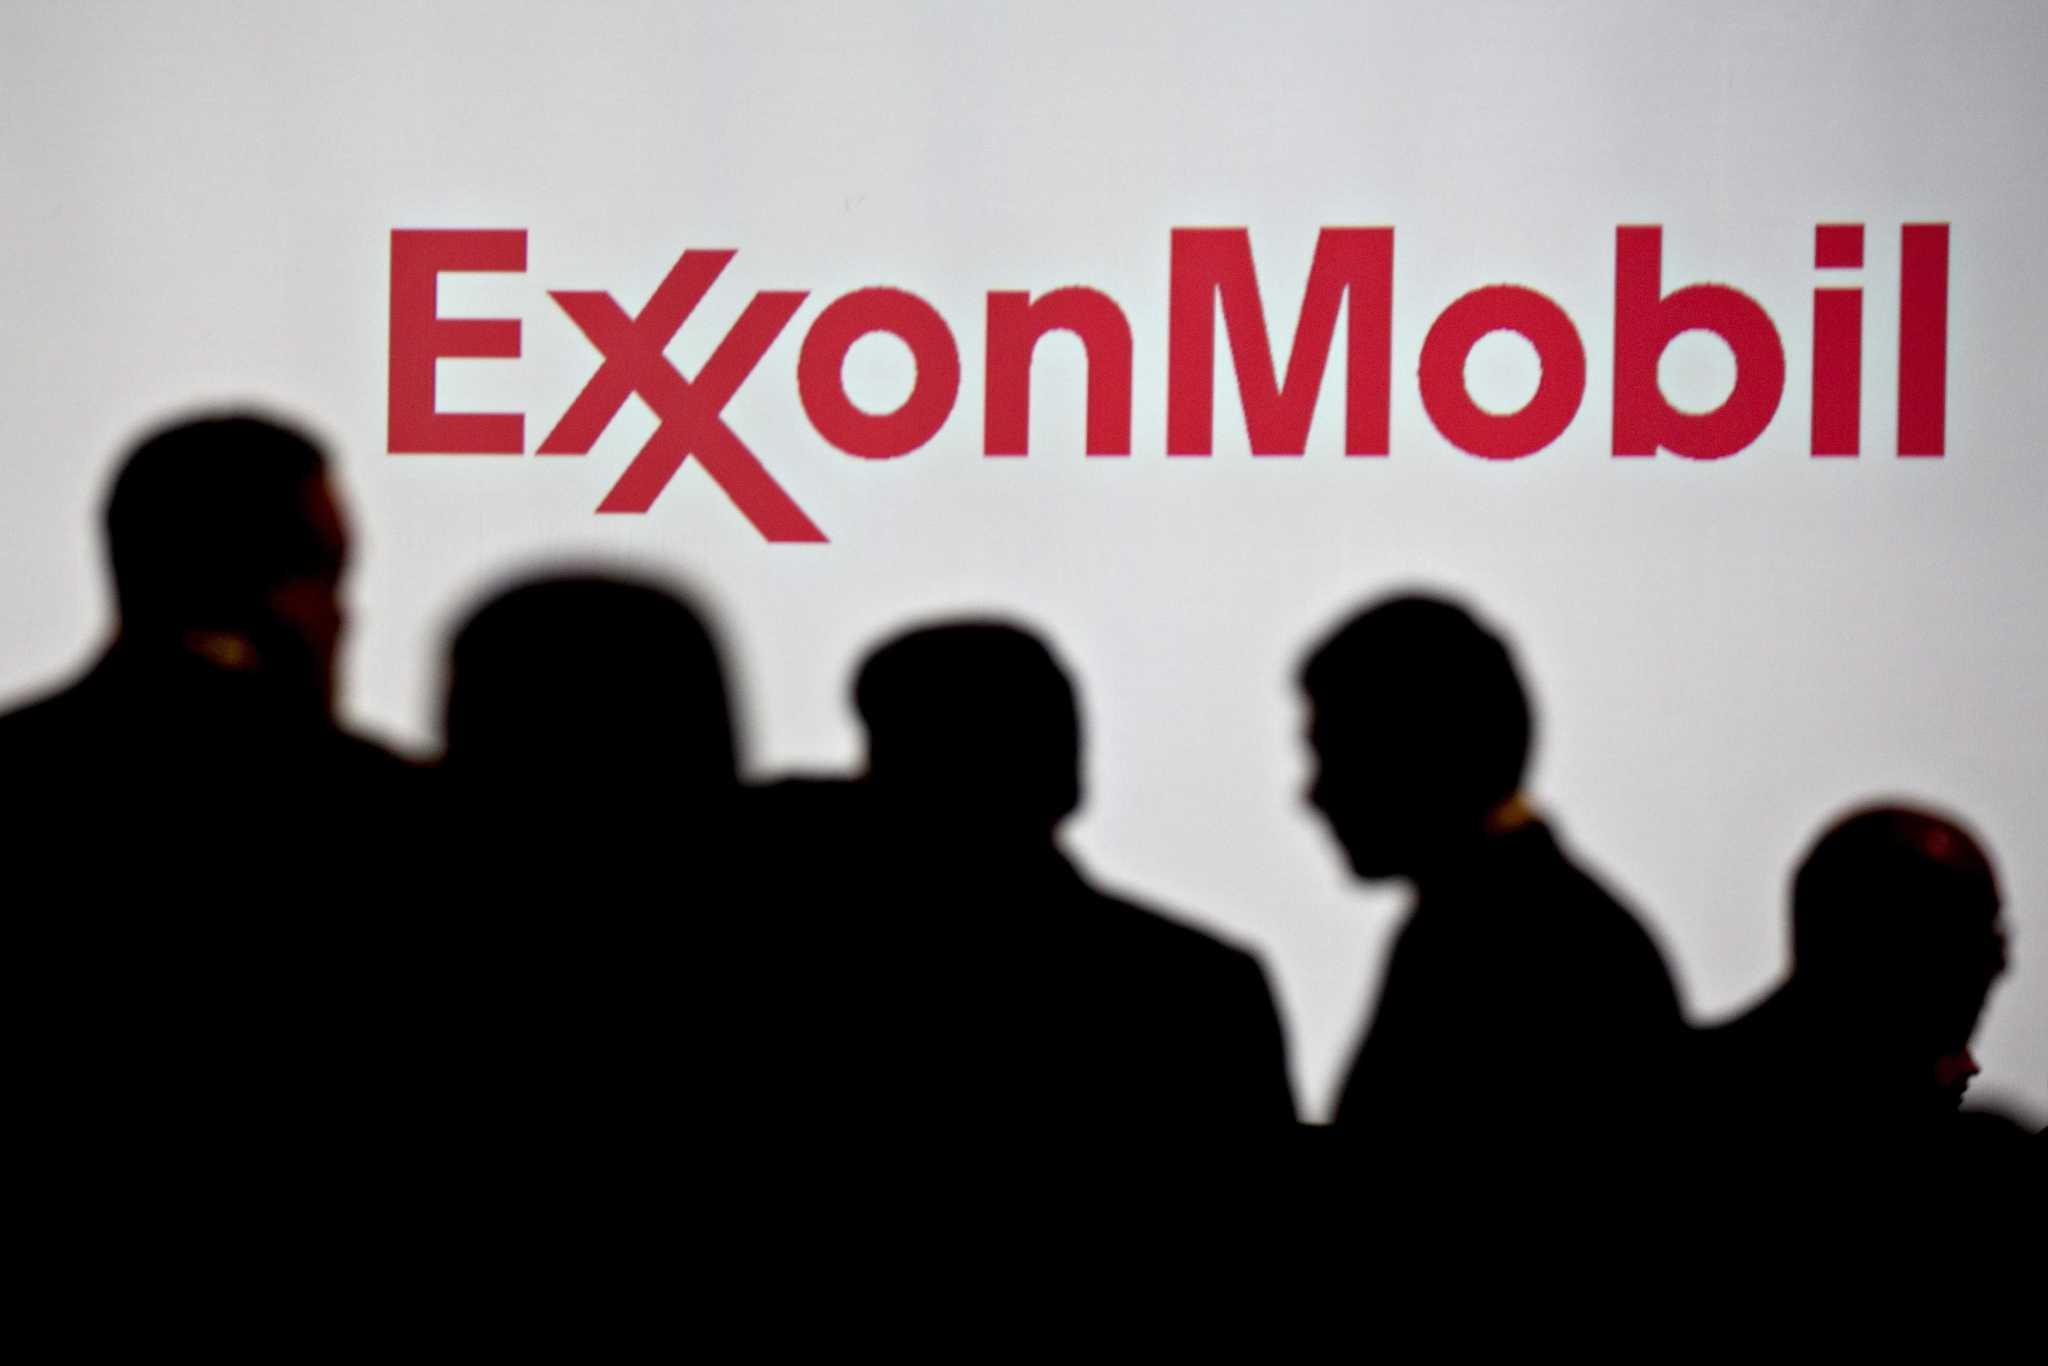 Exxon eyes oil M&A as clean energy shift seen taking decades